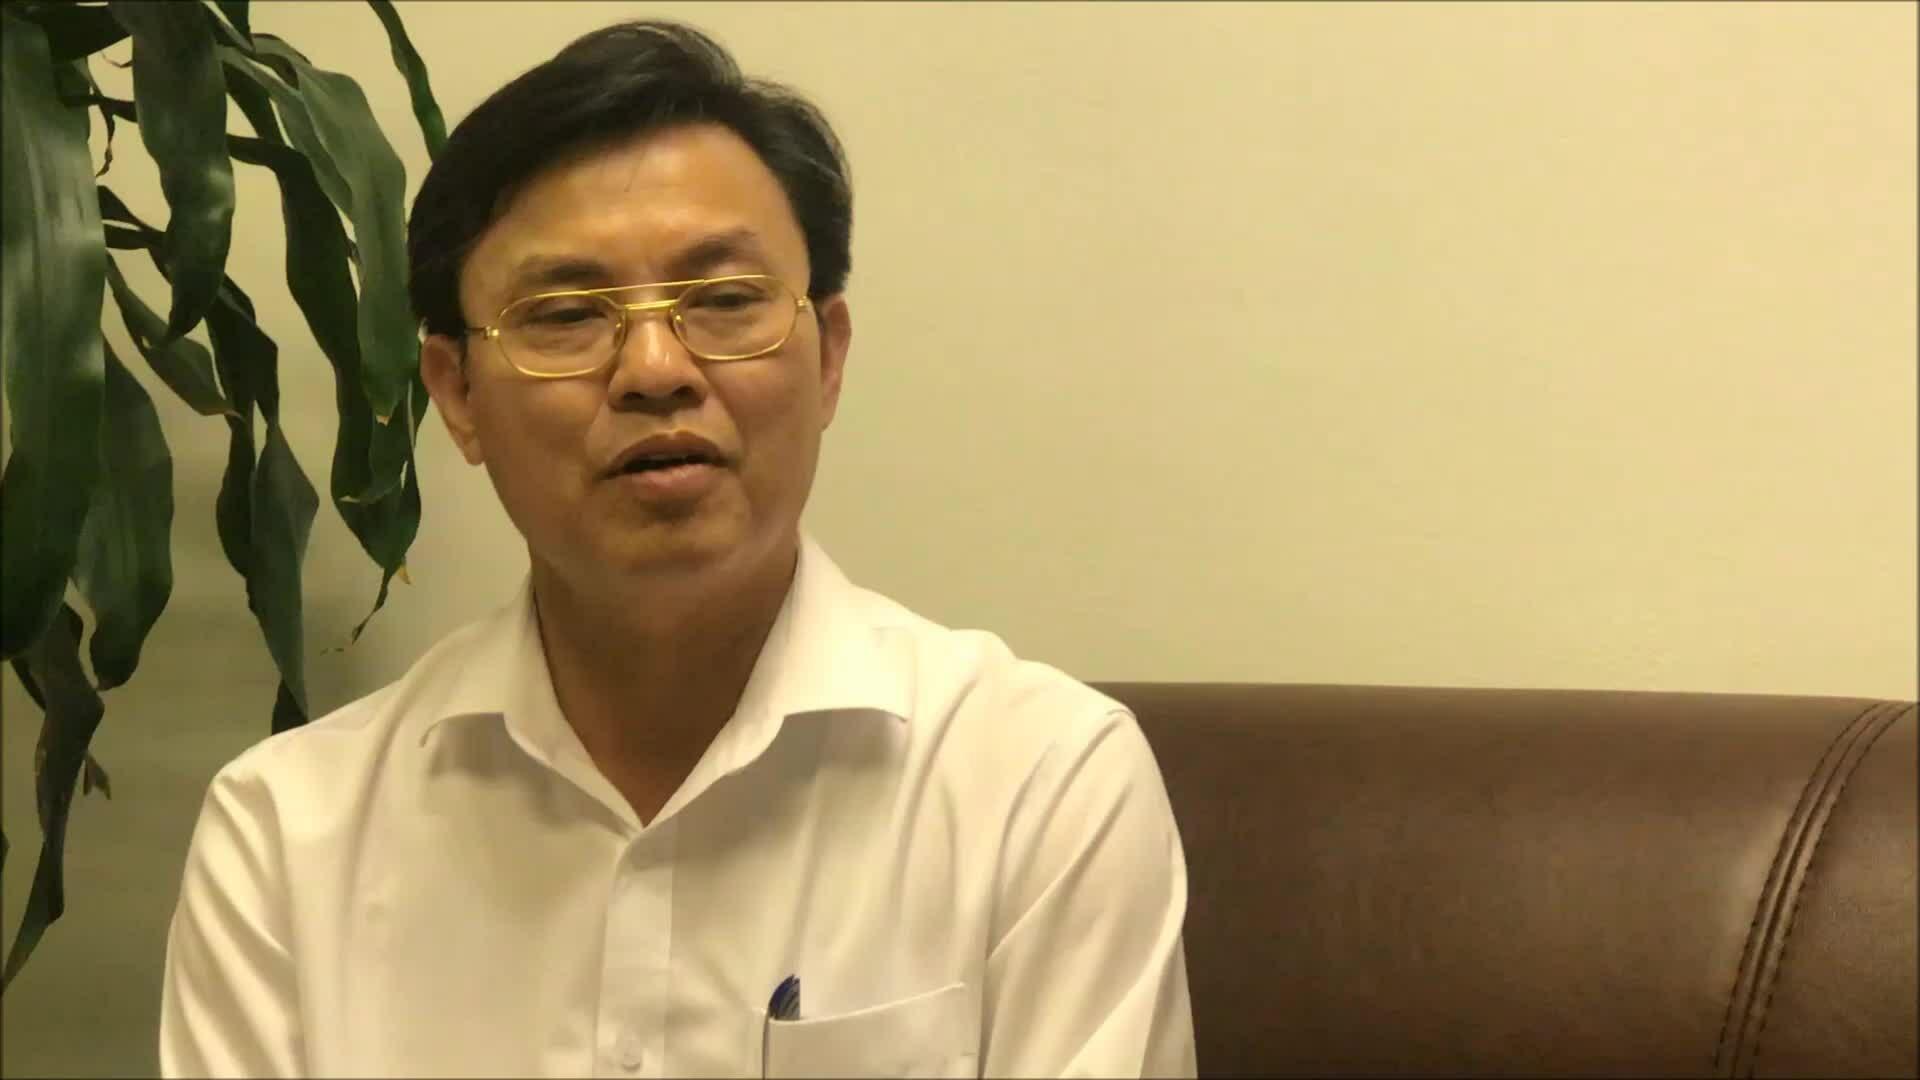 Clip ông Hoàng Văn Thức nói về lý do thời gian quan trắc kéo dài